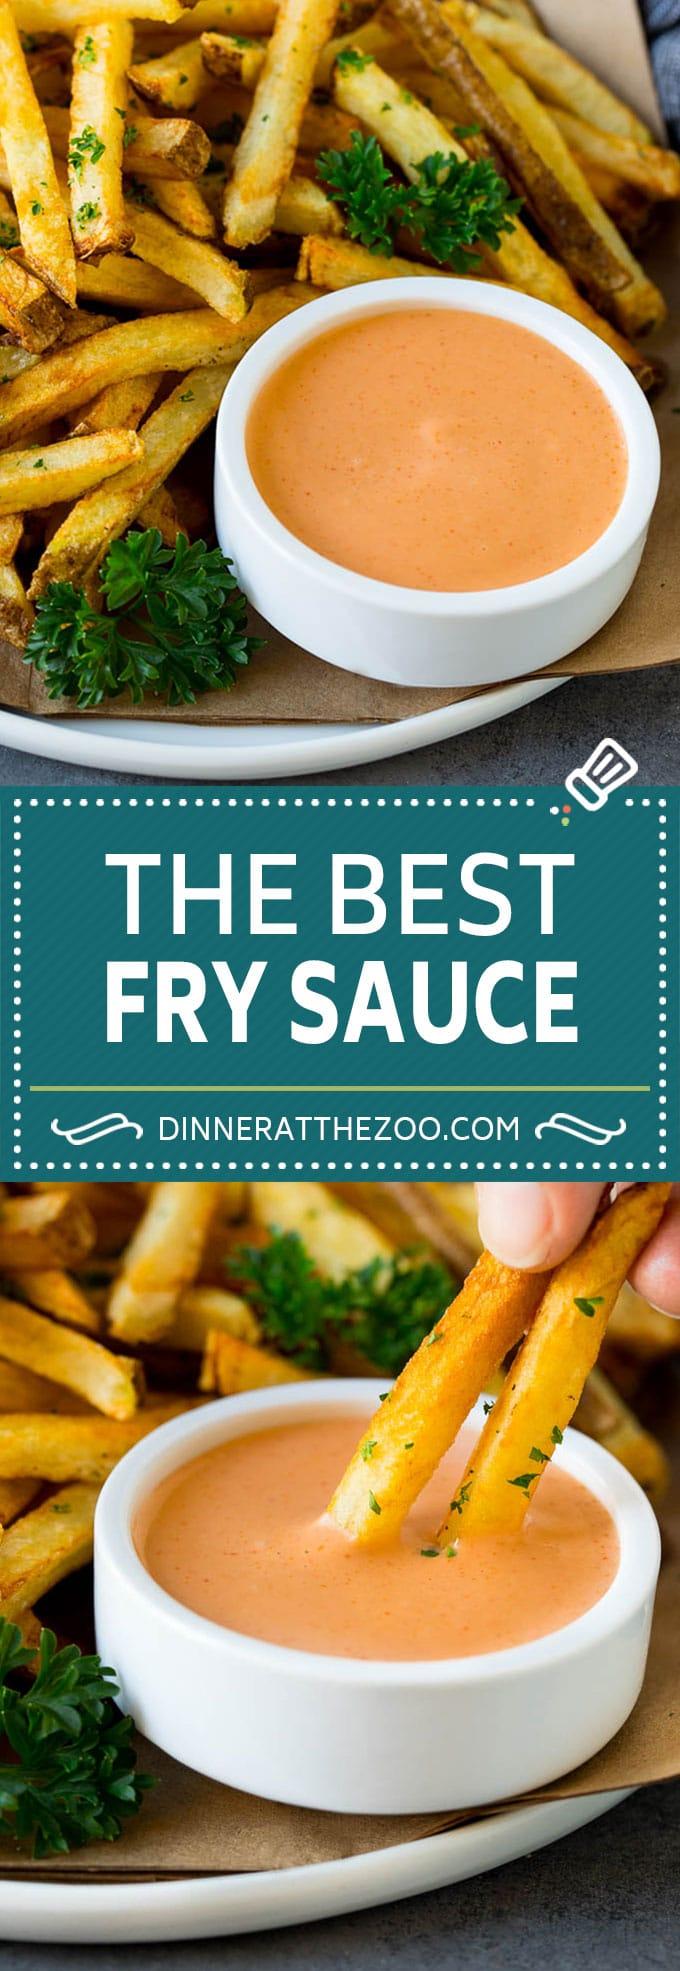 Fry Sauce Recipe #sauce #dinneratthezoo